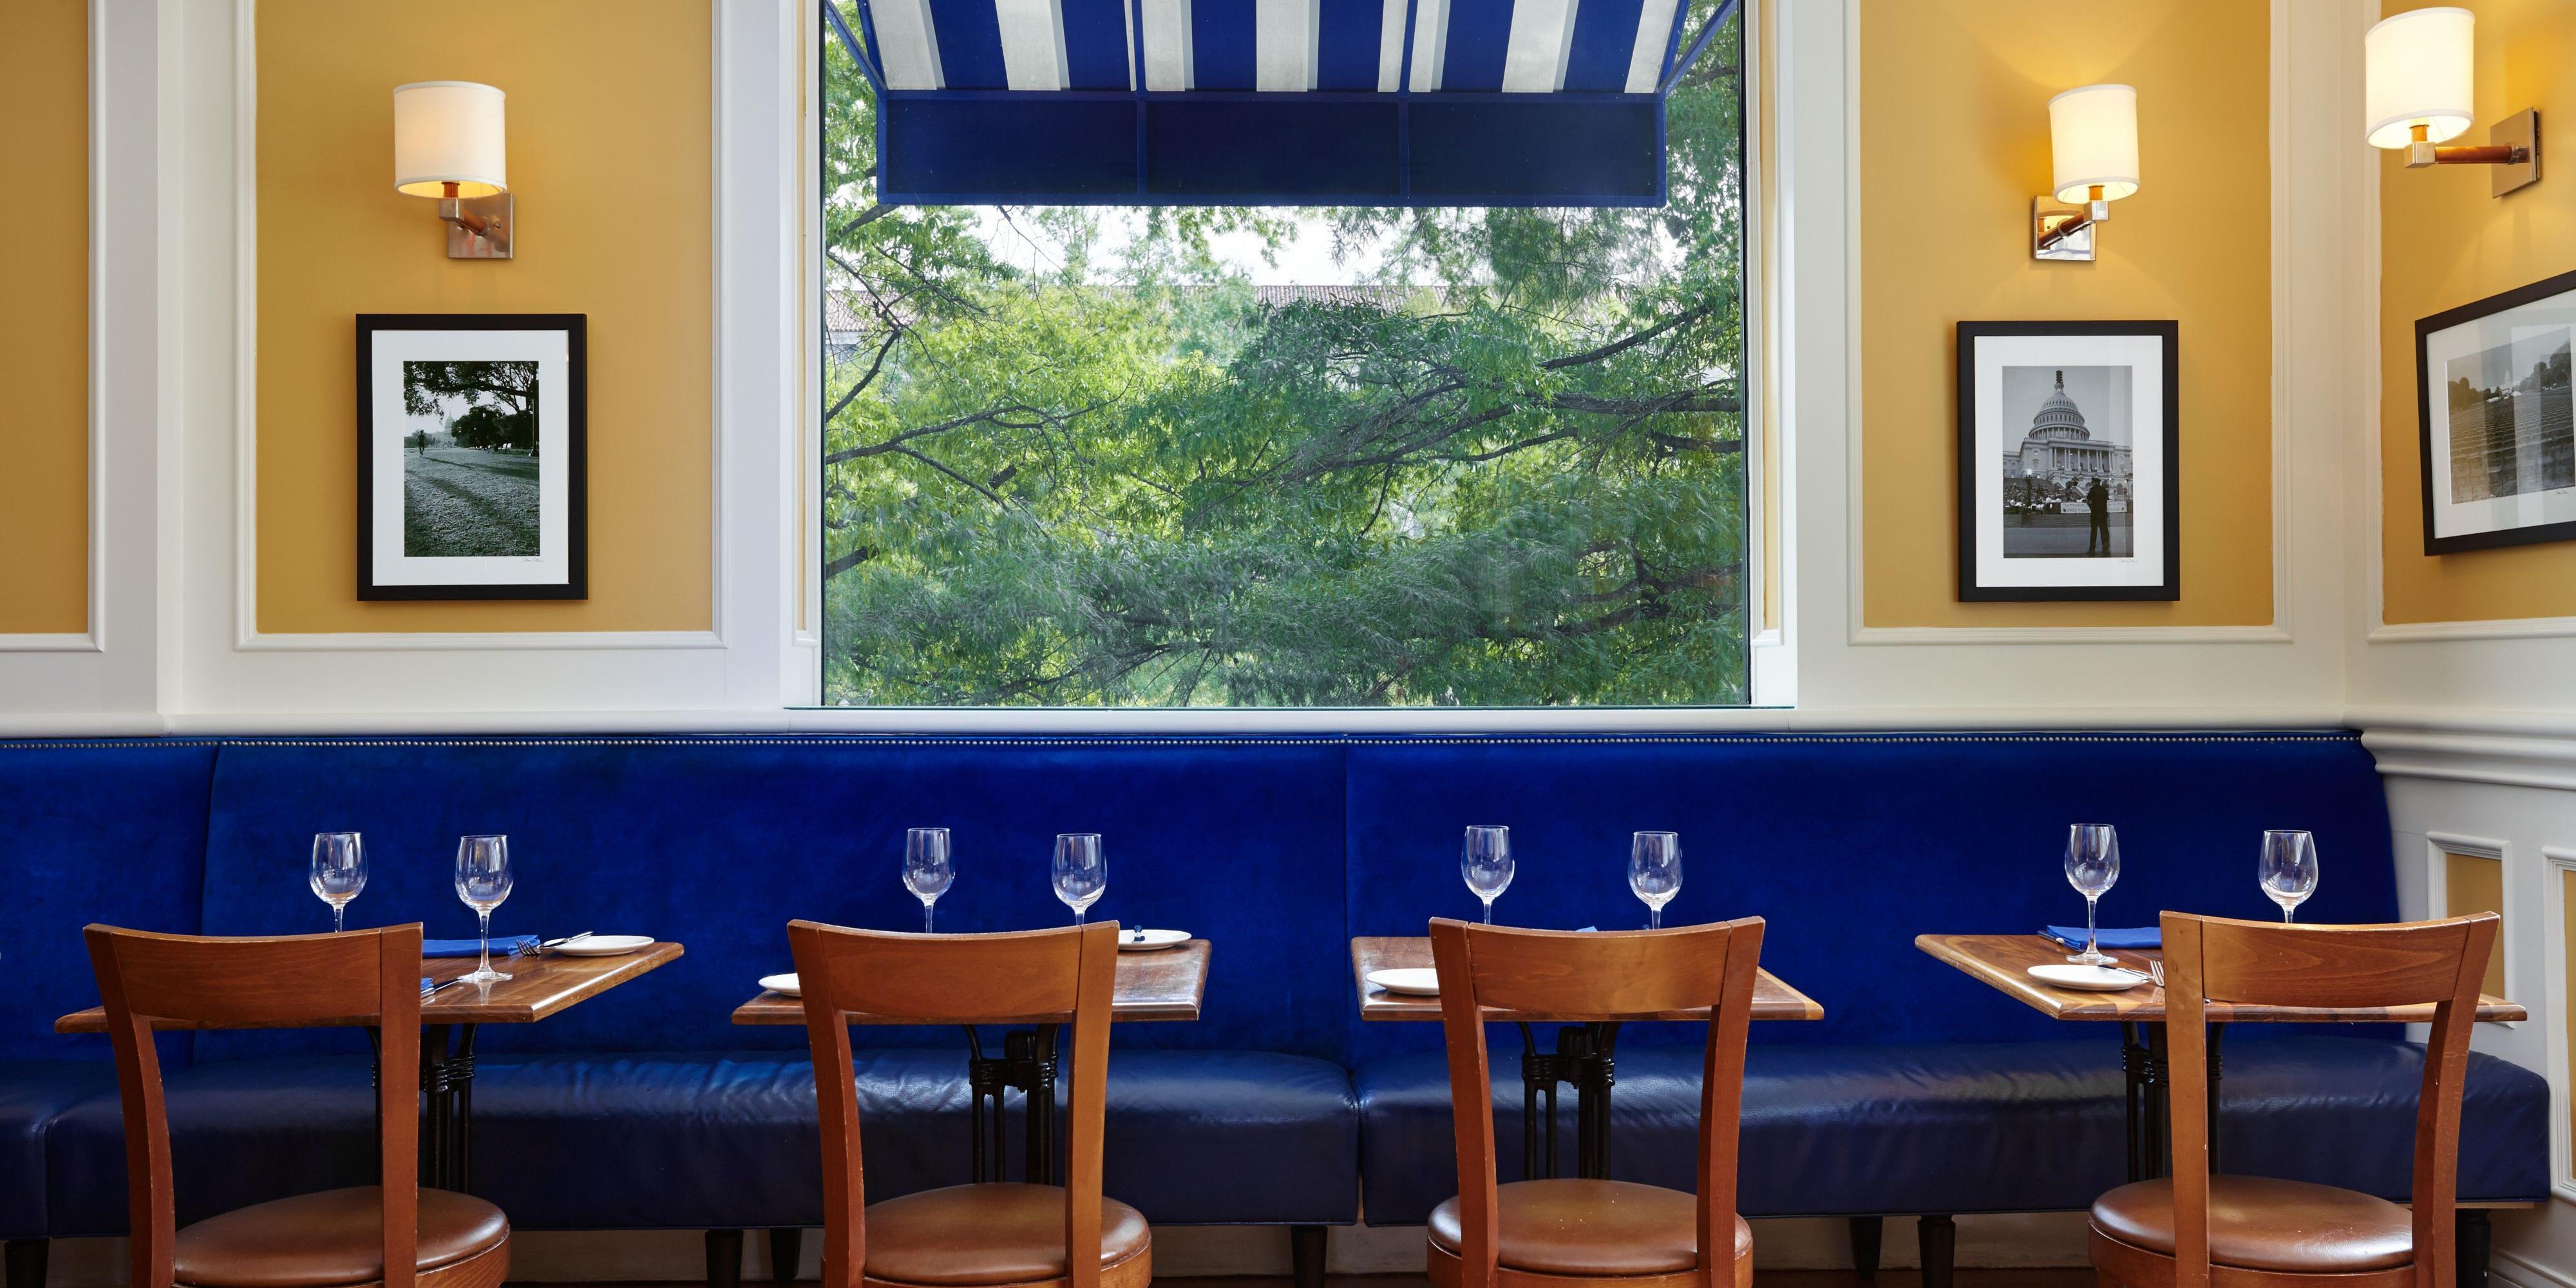 Dine in washington